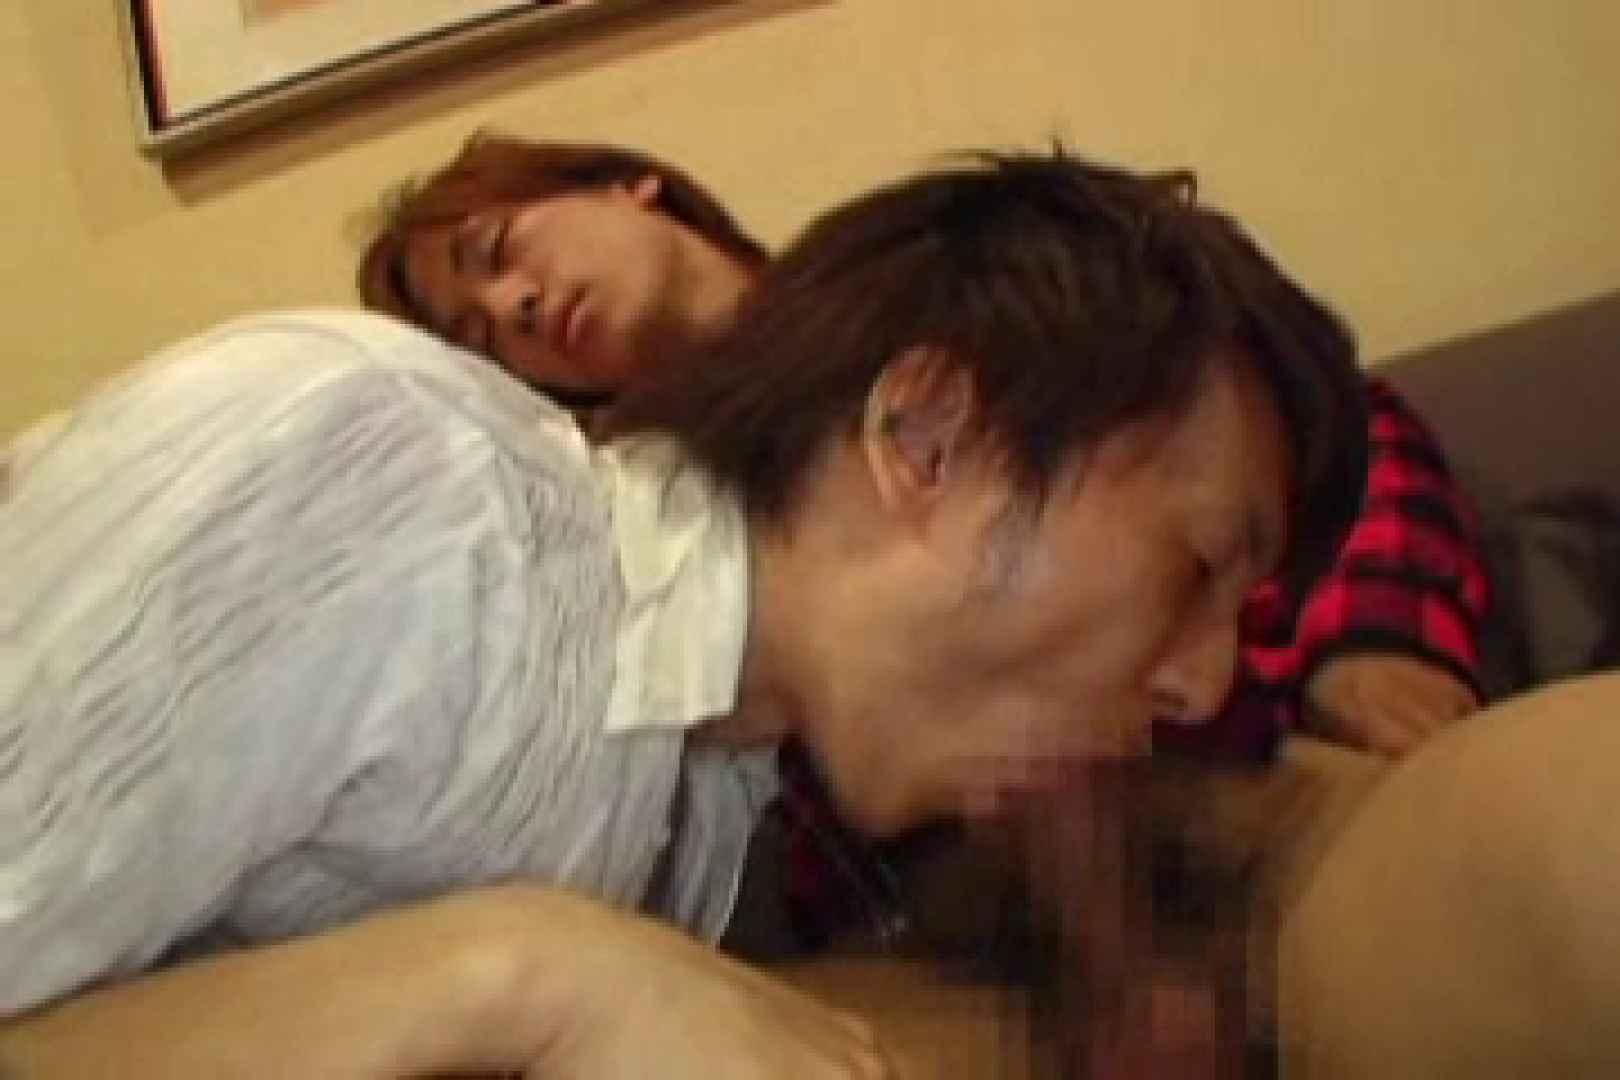 美men's達のForbidden World vol.5 イケメン | オナニー ケツマンスケベ画像 12連発 3